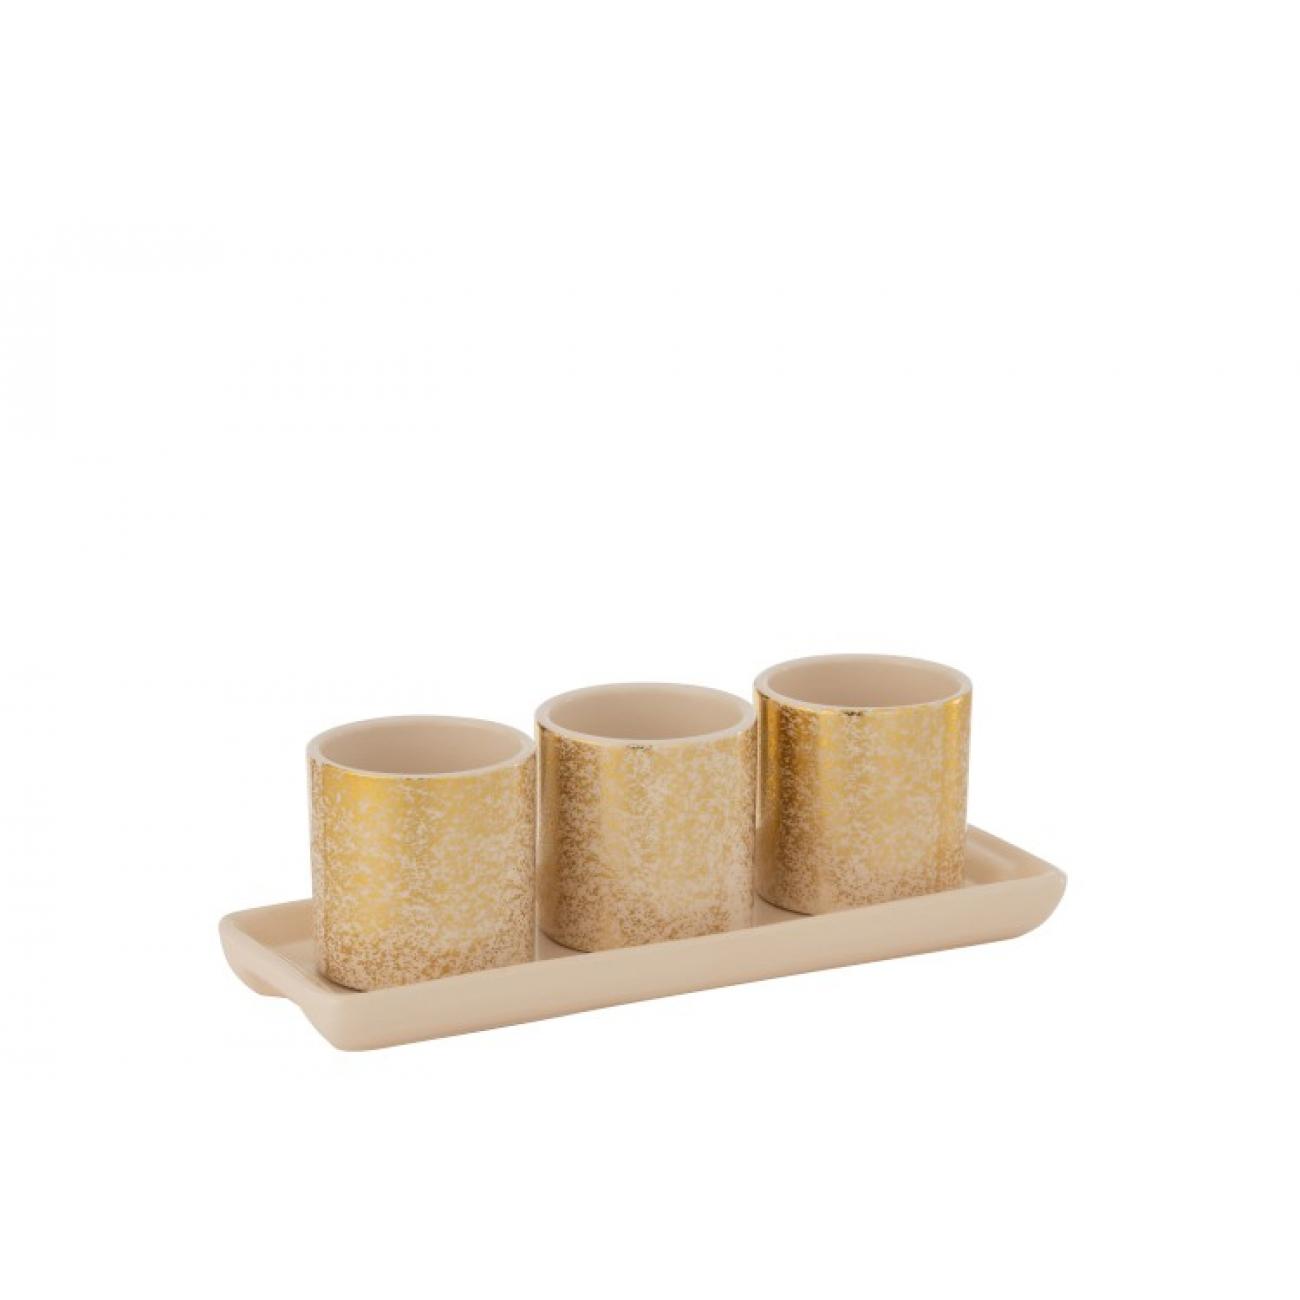 Кашпо J-LINE золотого цвета комплект из трех штук на подставке 27х10х9 см